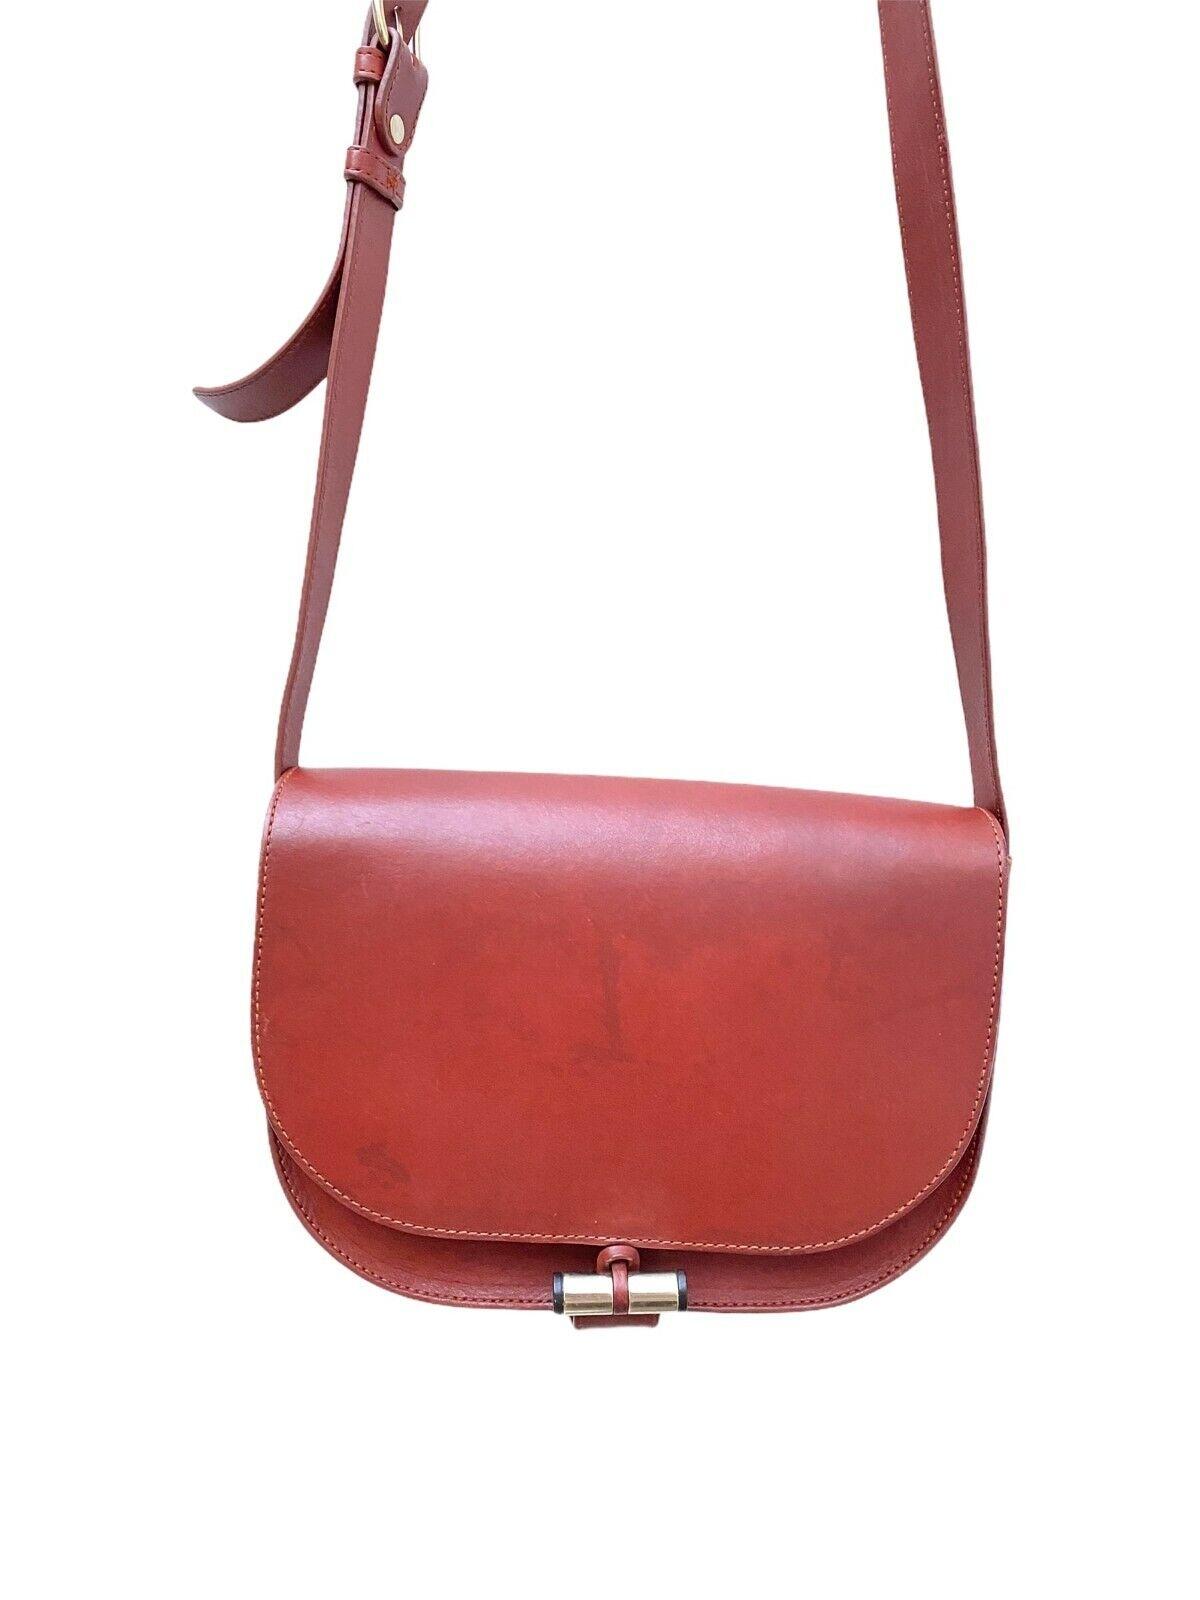 A.P.C. Brown Leather Handbag Bag - half Moon - APC - image 1